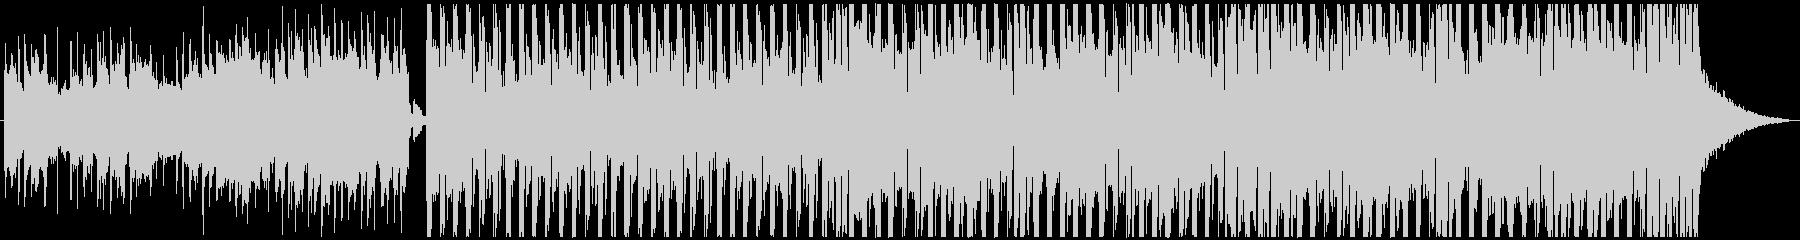 シンプルで反復的なギターリフに基づ...の未再生の波形